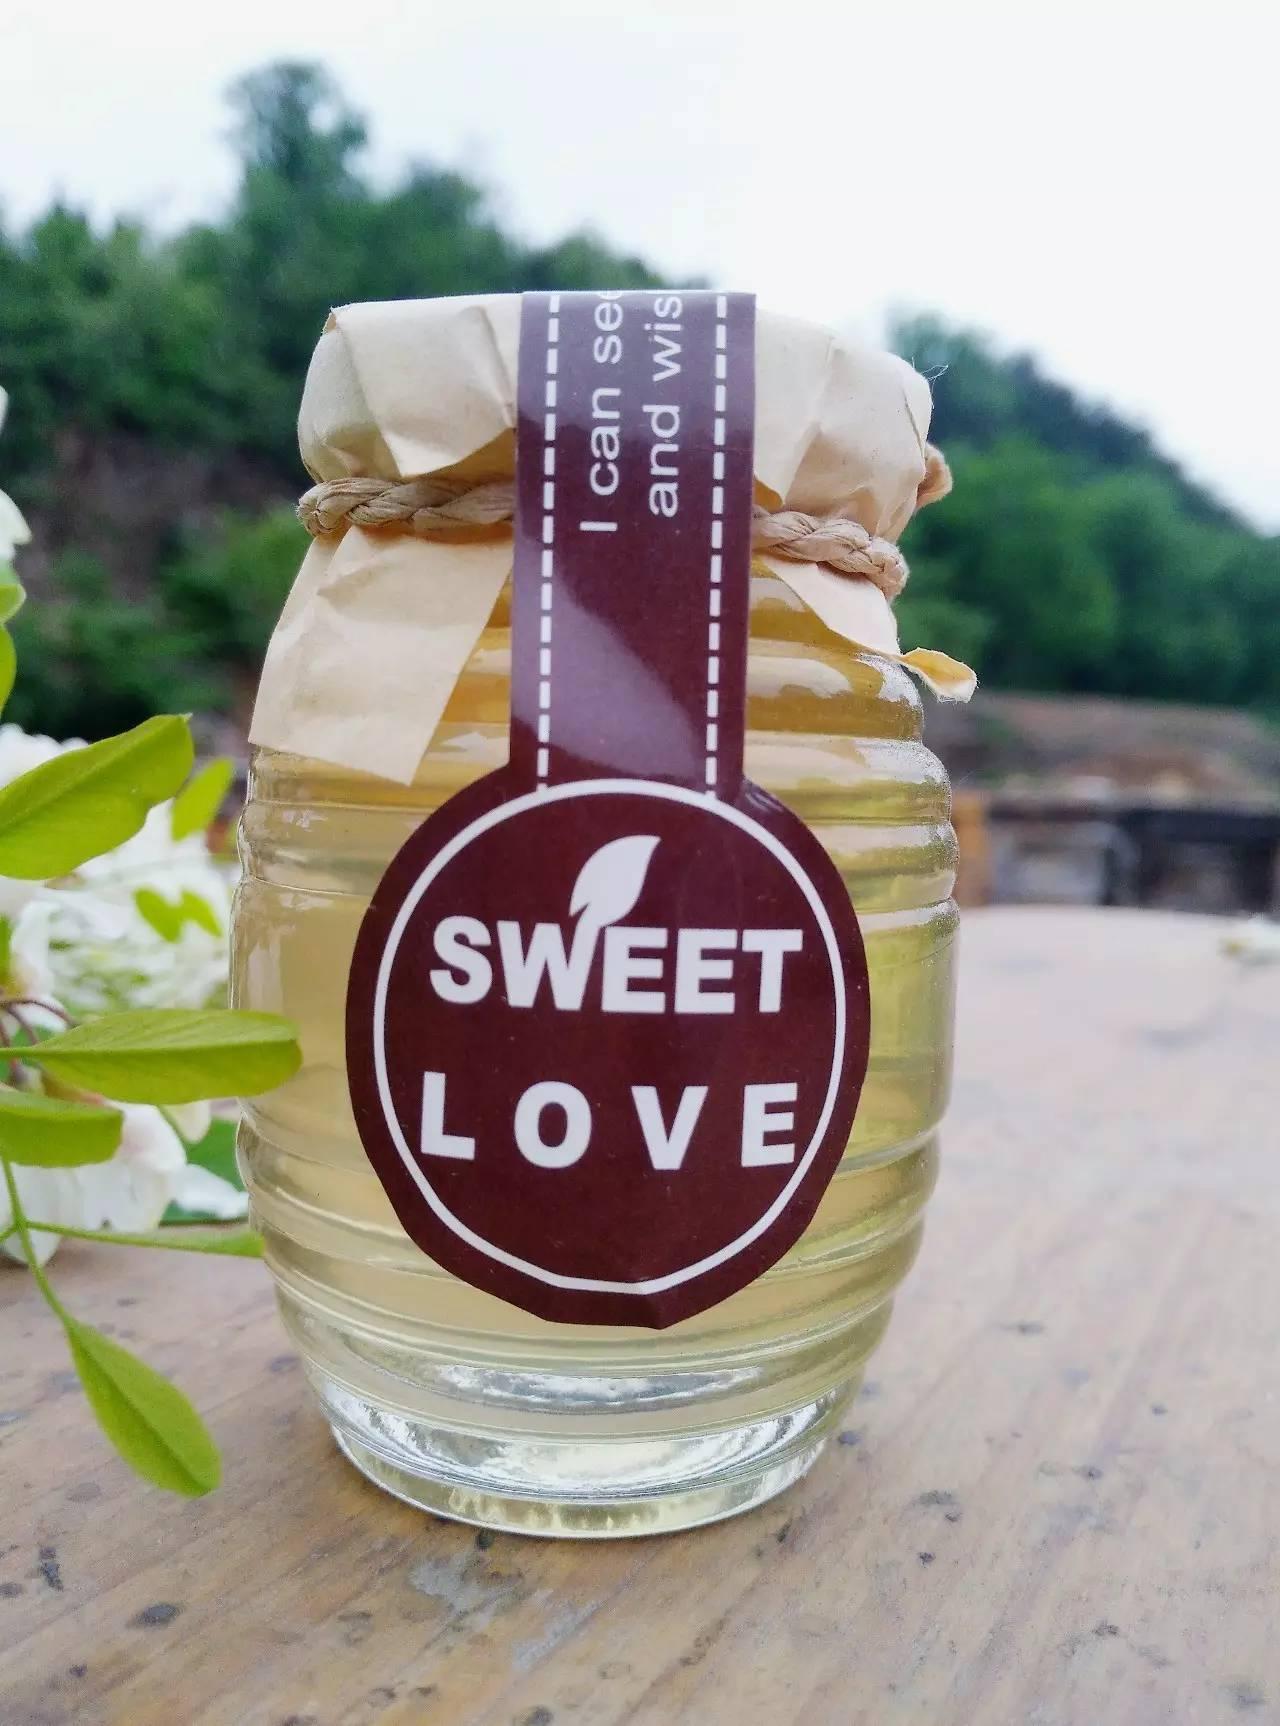 蜂蜜水什么时候喝好 蜂蜜的作用与功效 蜂蜜美容的方法 蜂蜜柚子饮料 蜂蜜多少钱